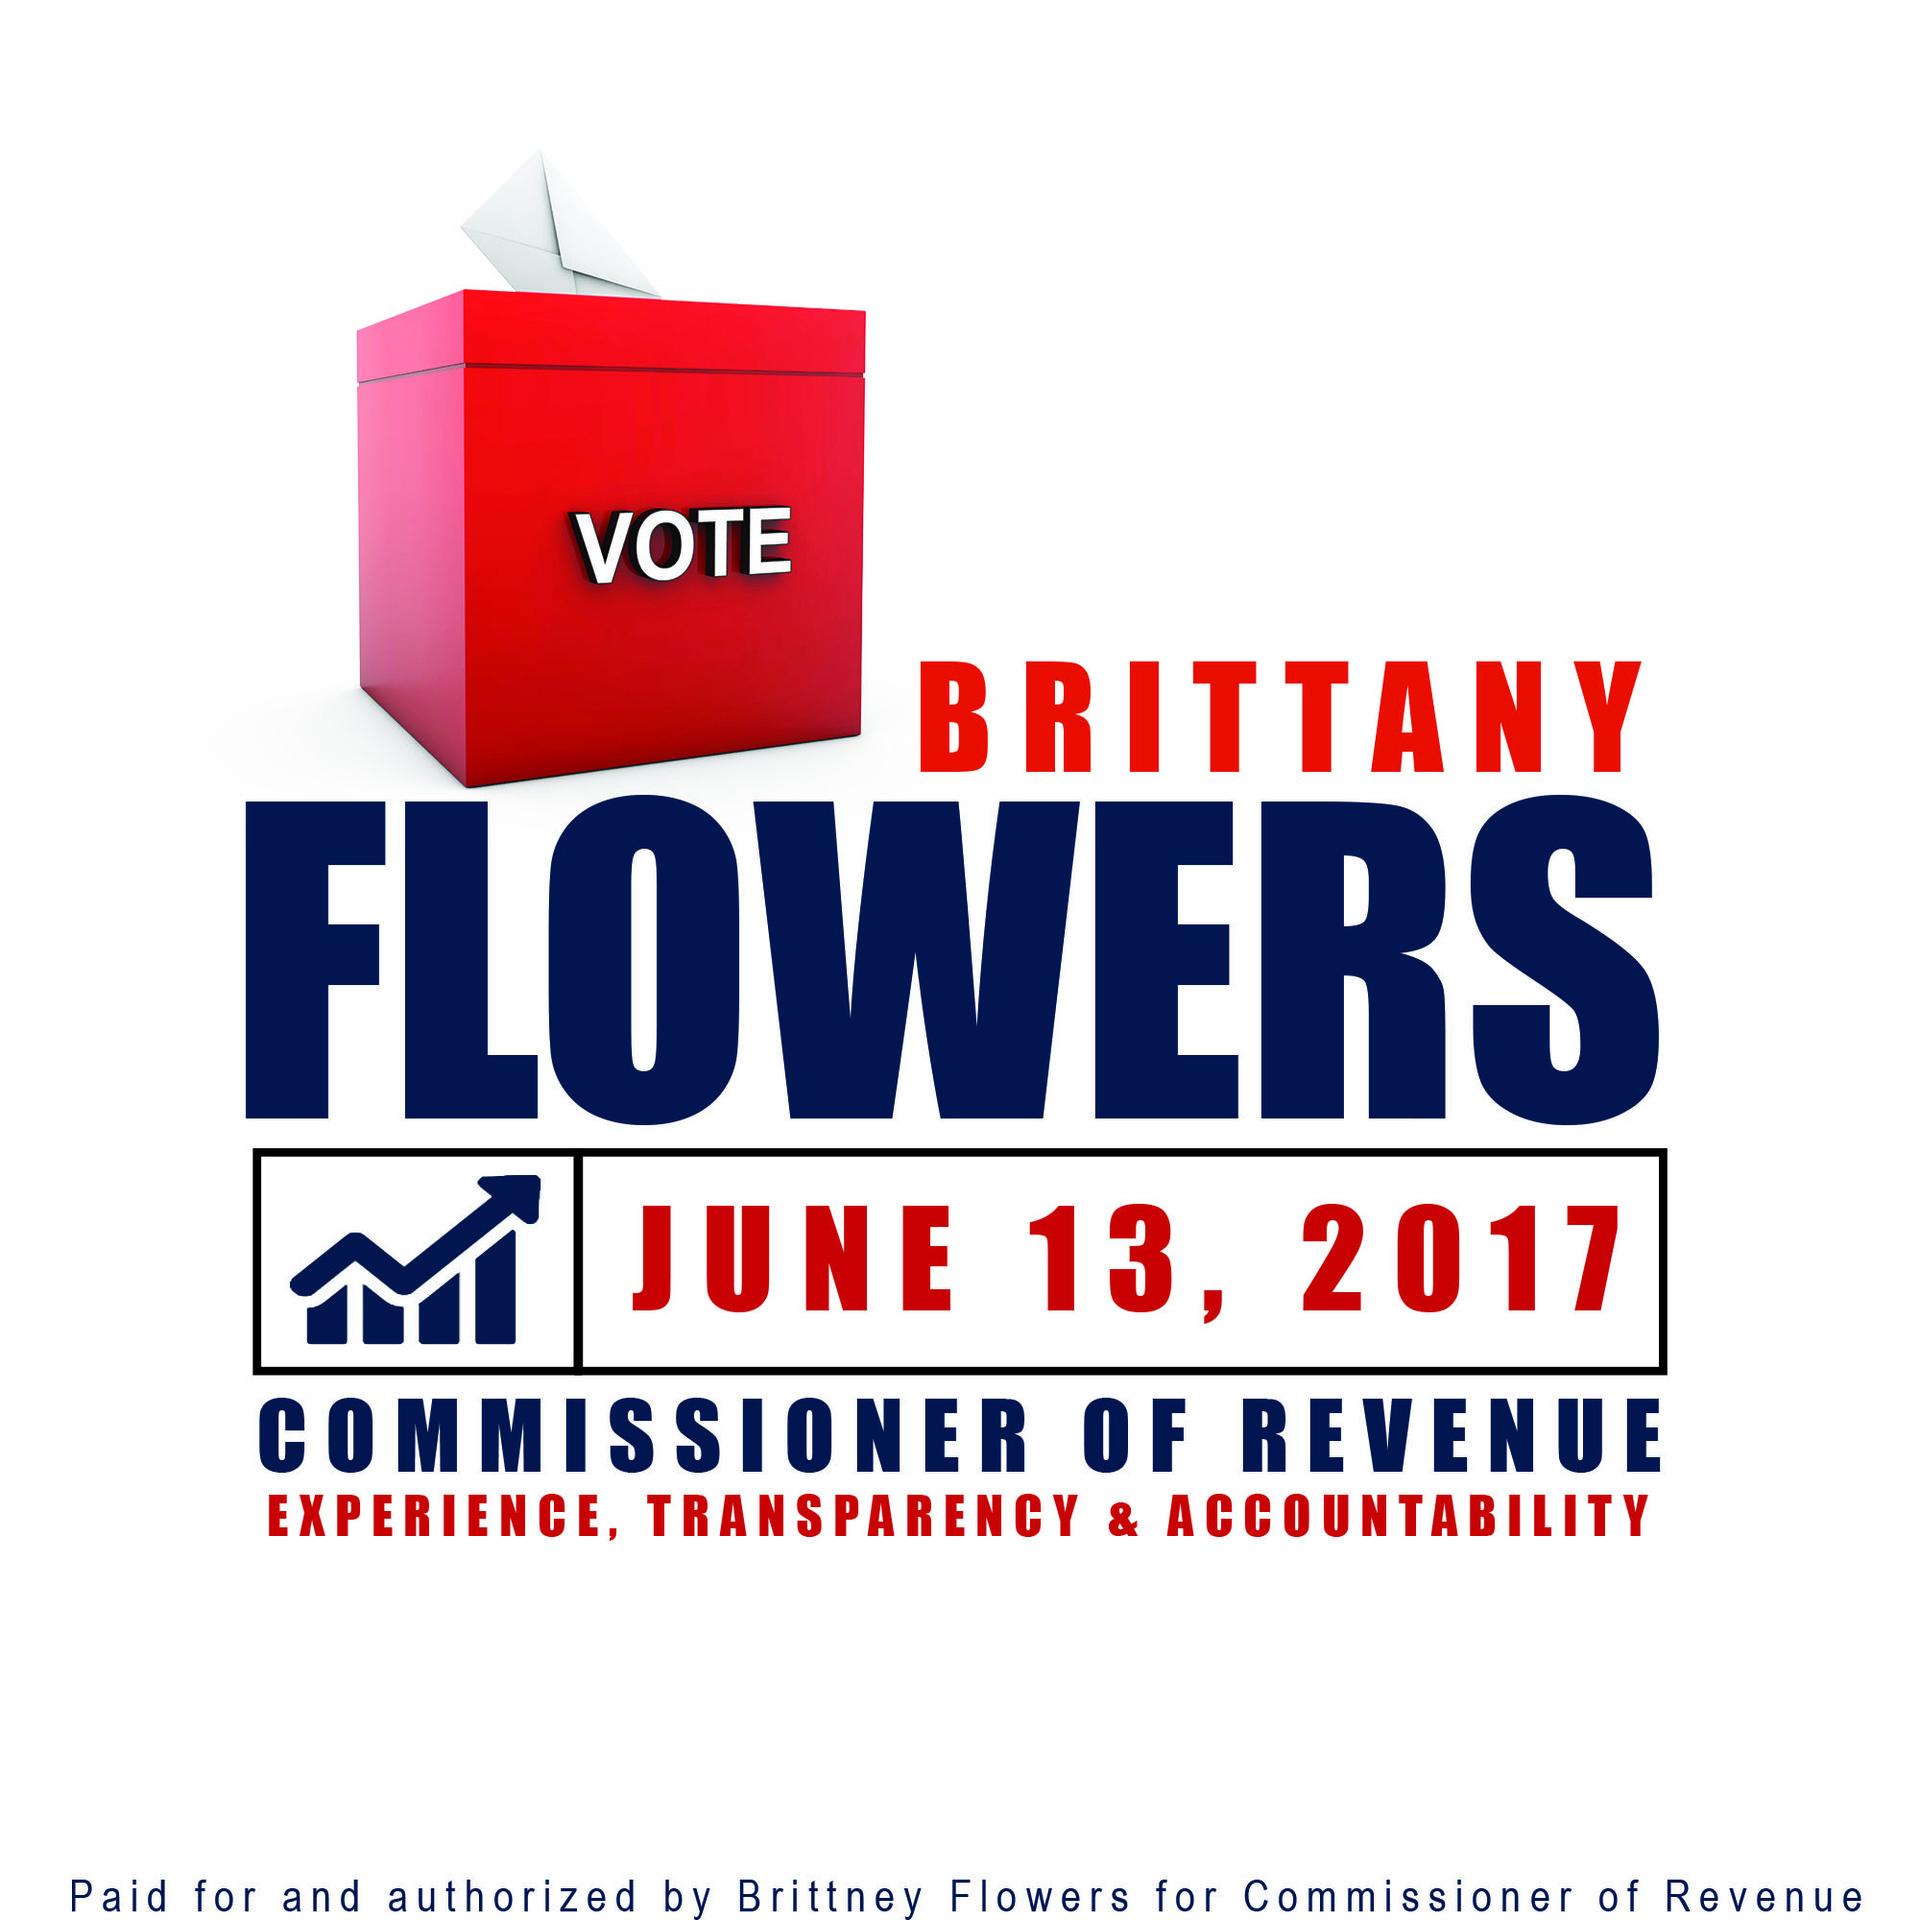 client political campaign logo